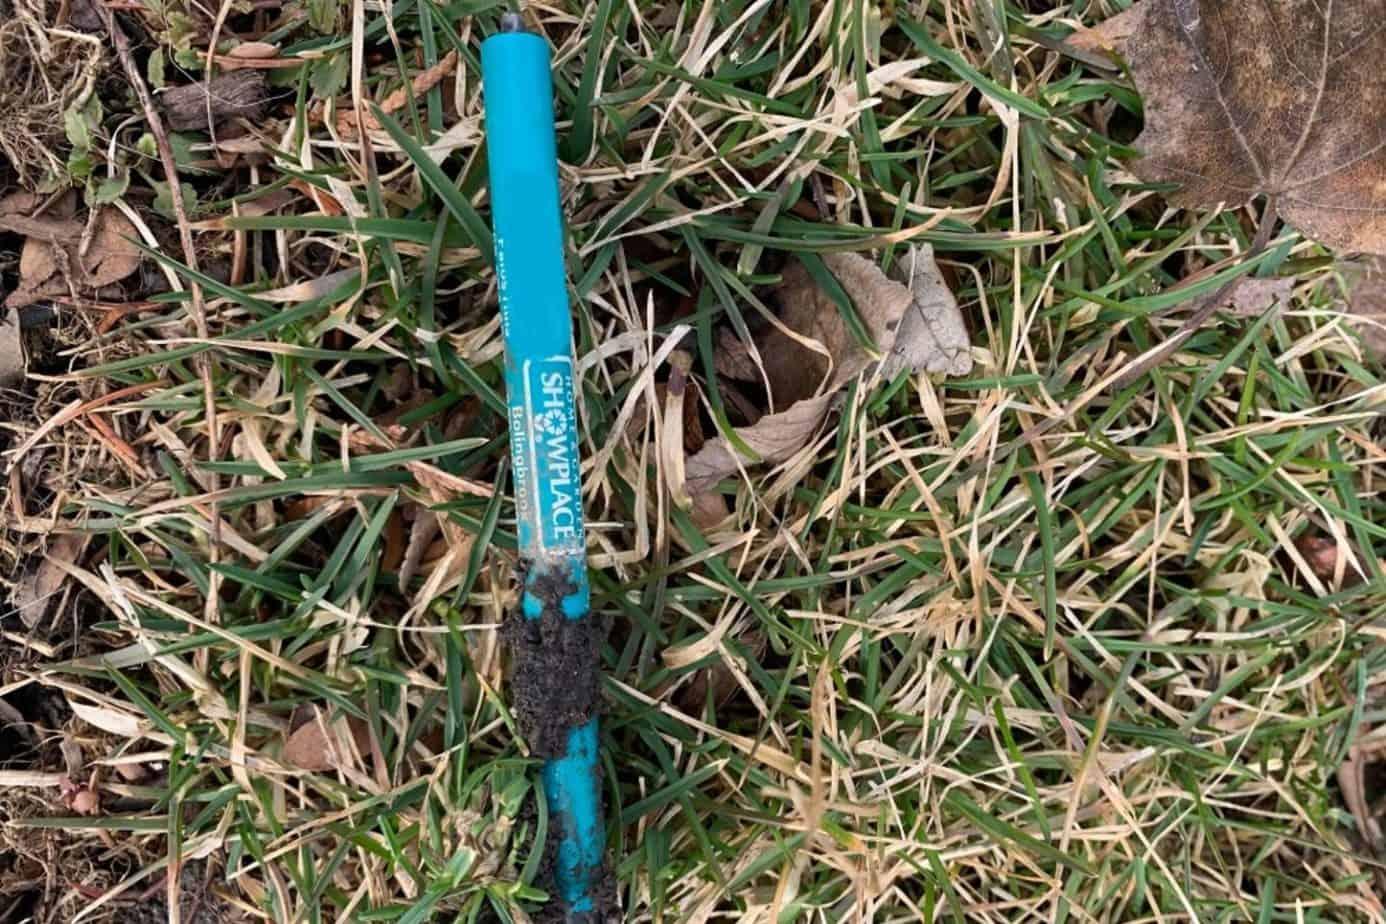 old pen, litter